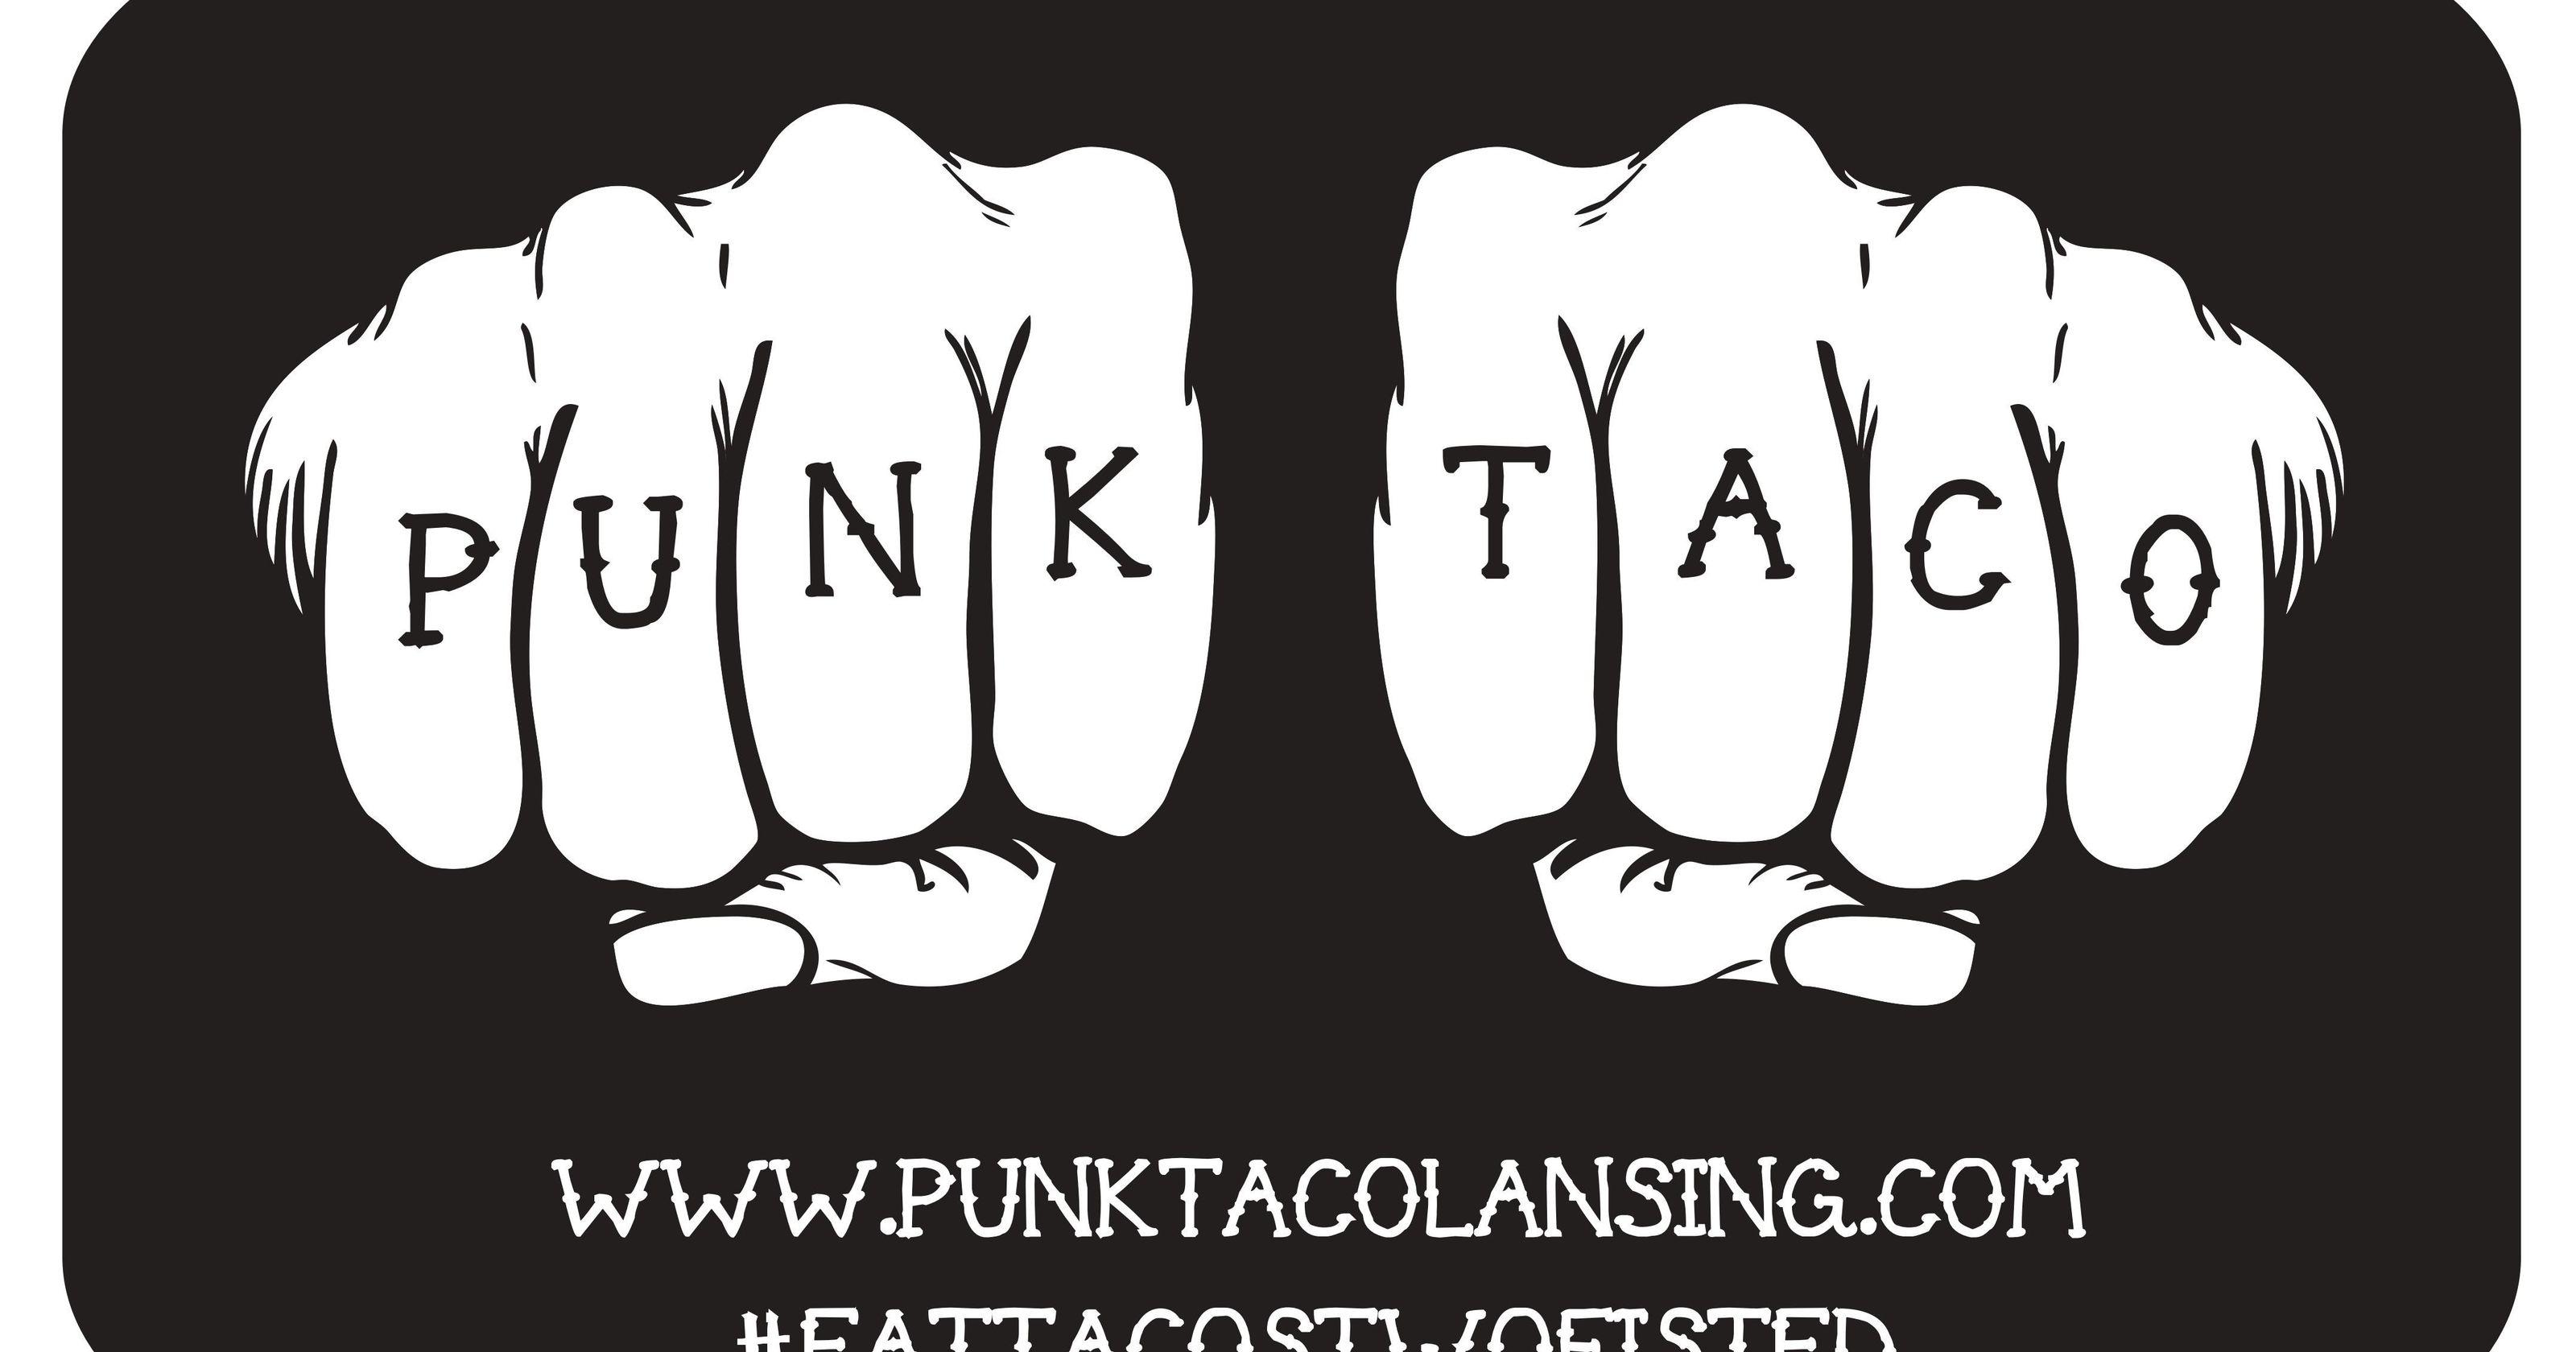 Punk Taco coming to East Lansing